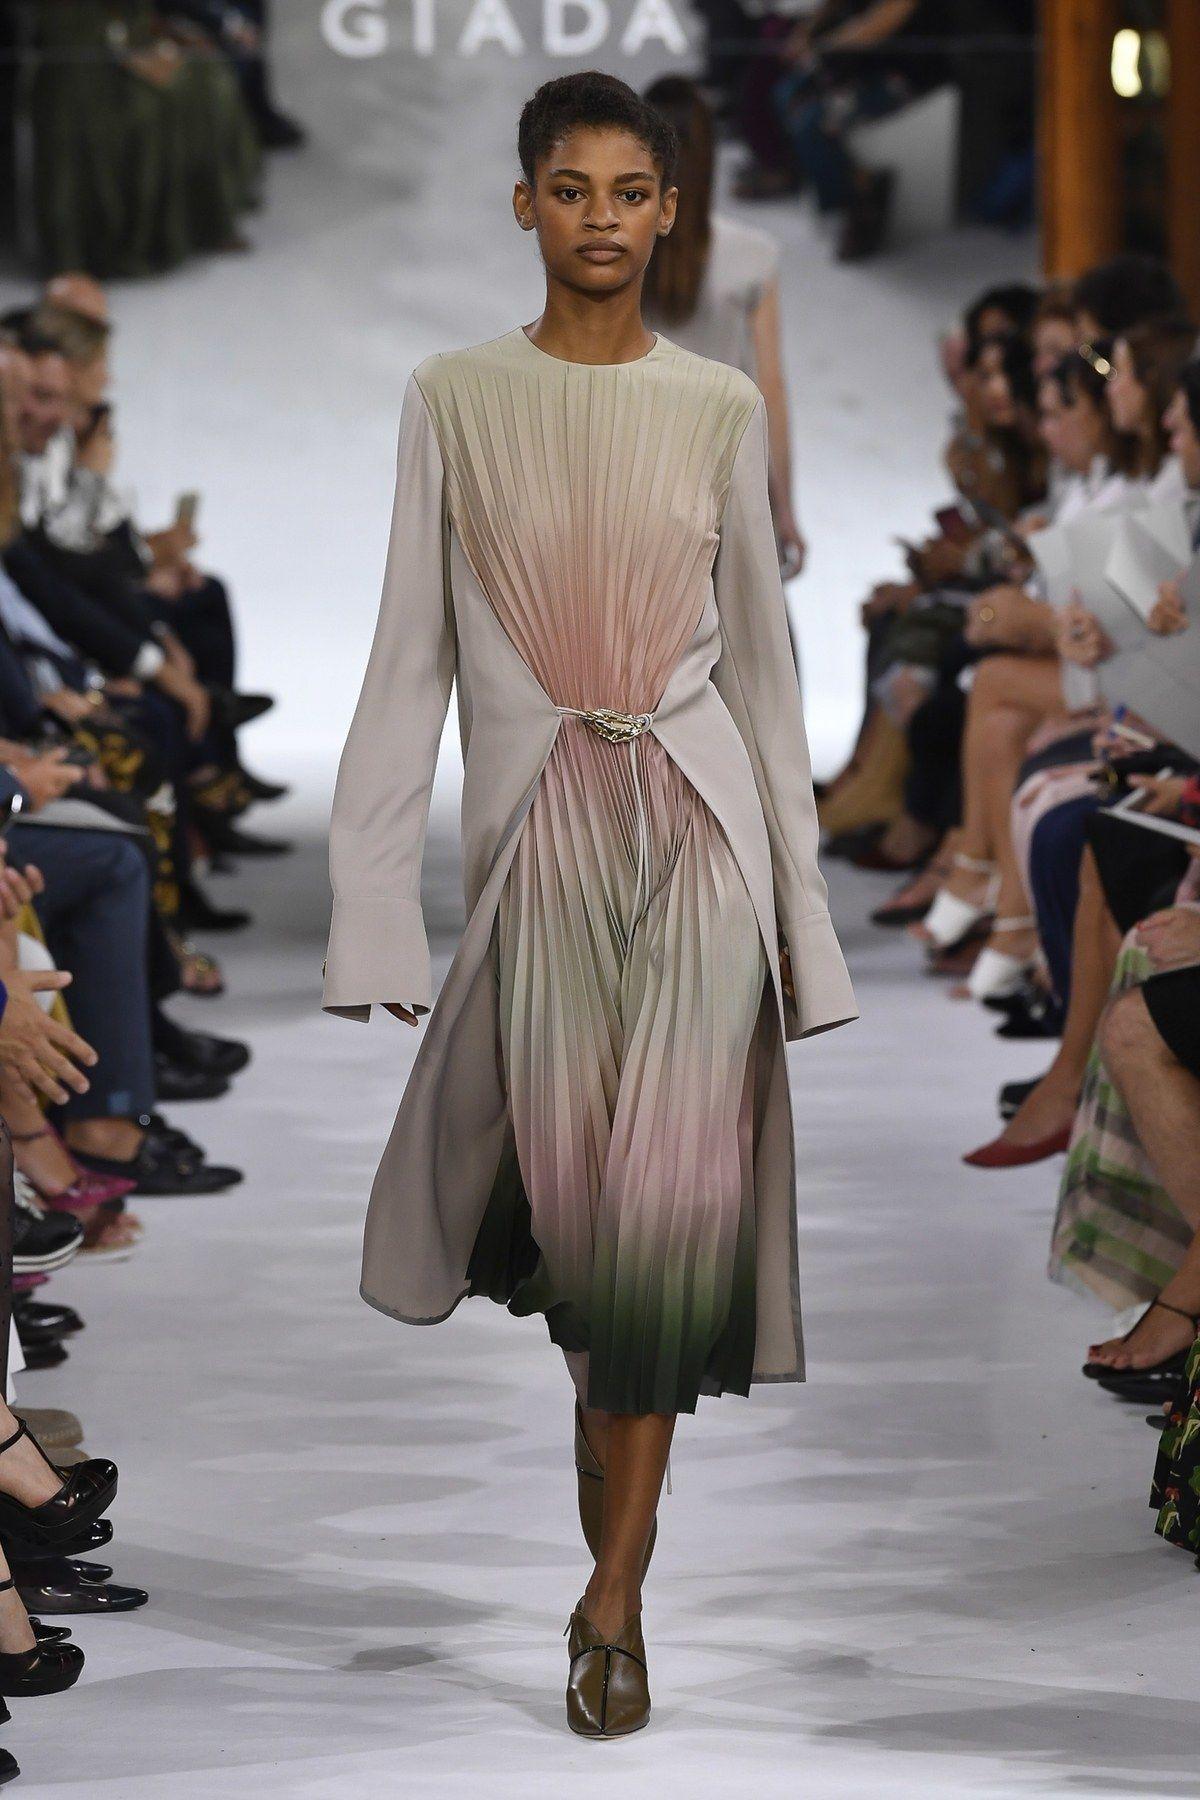 547e3401d277 Tutte le principali tendenze dalle collezioni moda primavera estate 2019